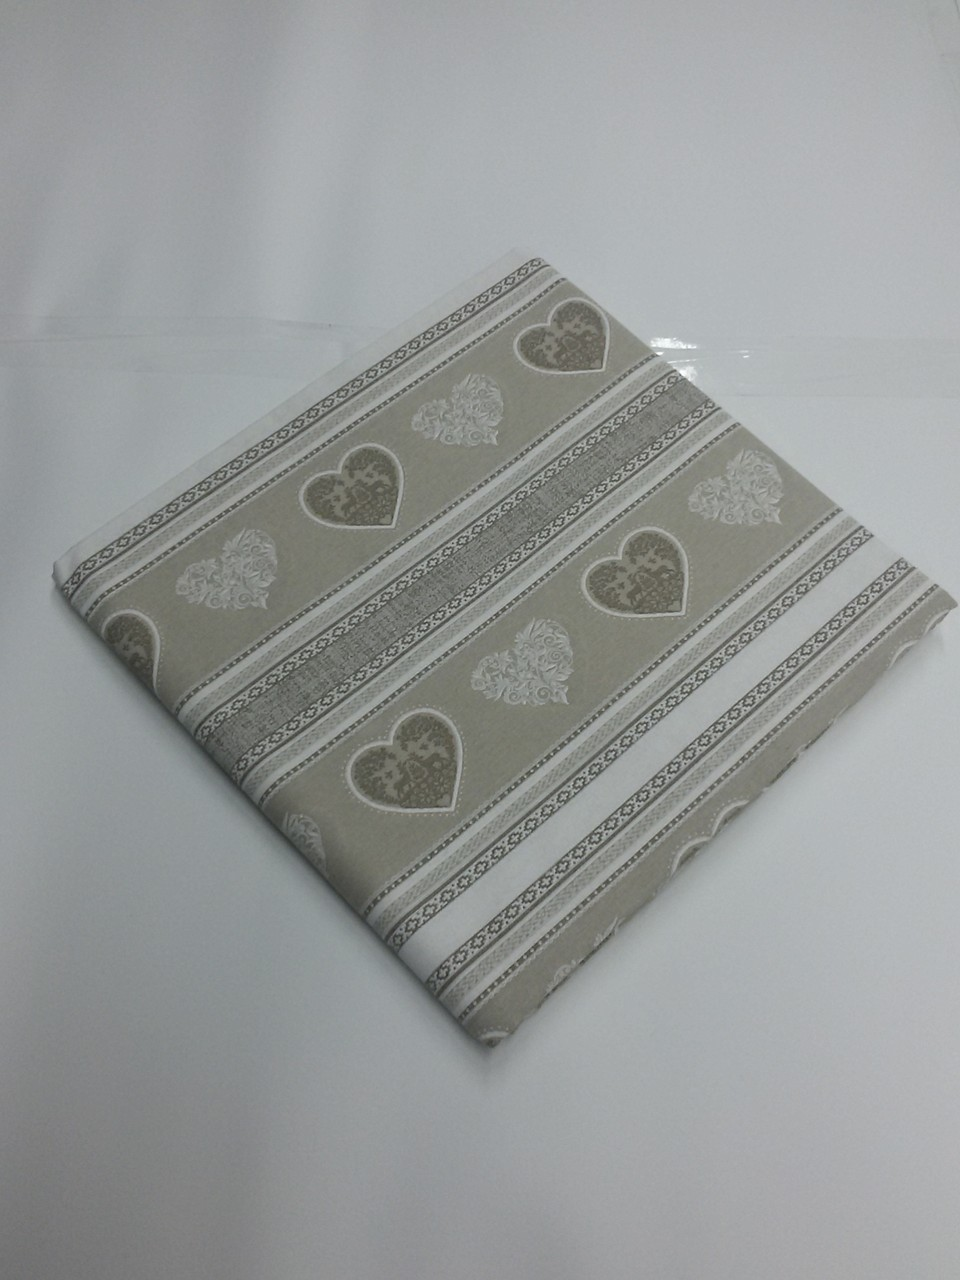 Tessuto in cotone Panama 270x280 cm col.beige chiaro Art.A425